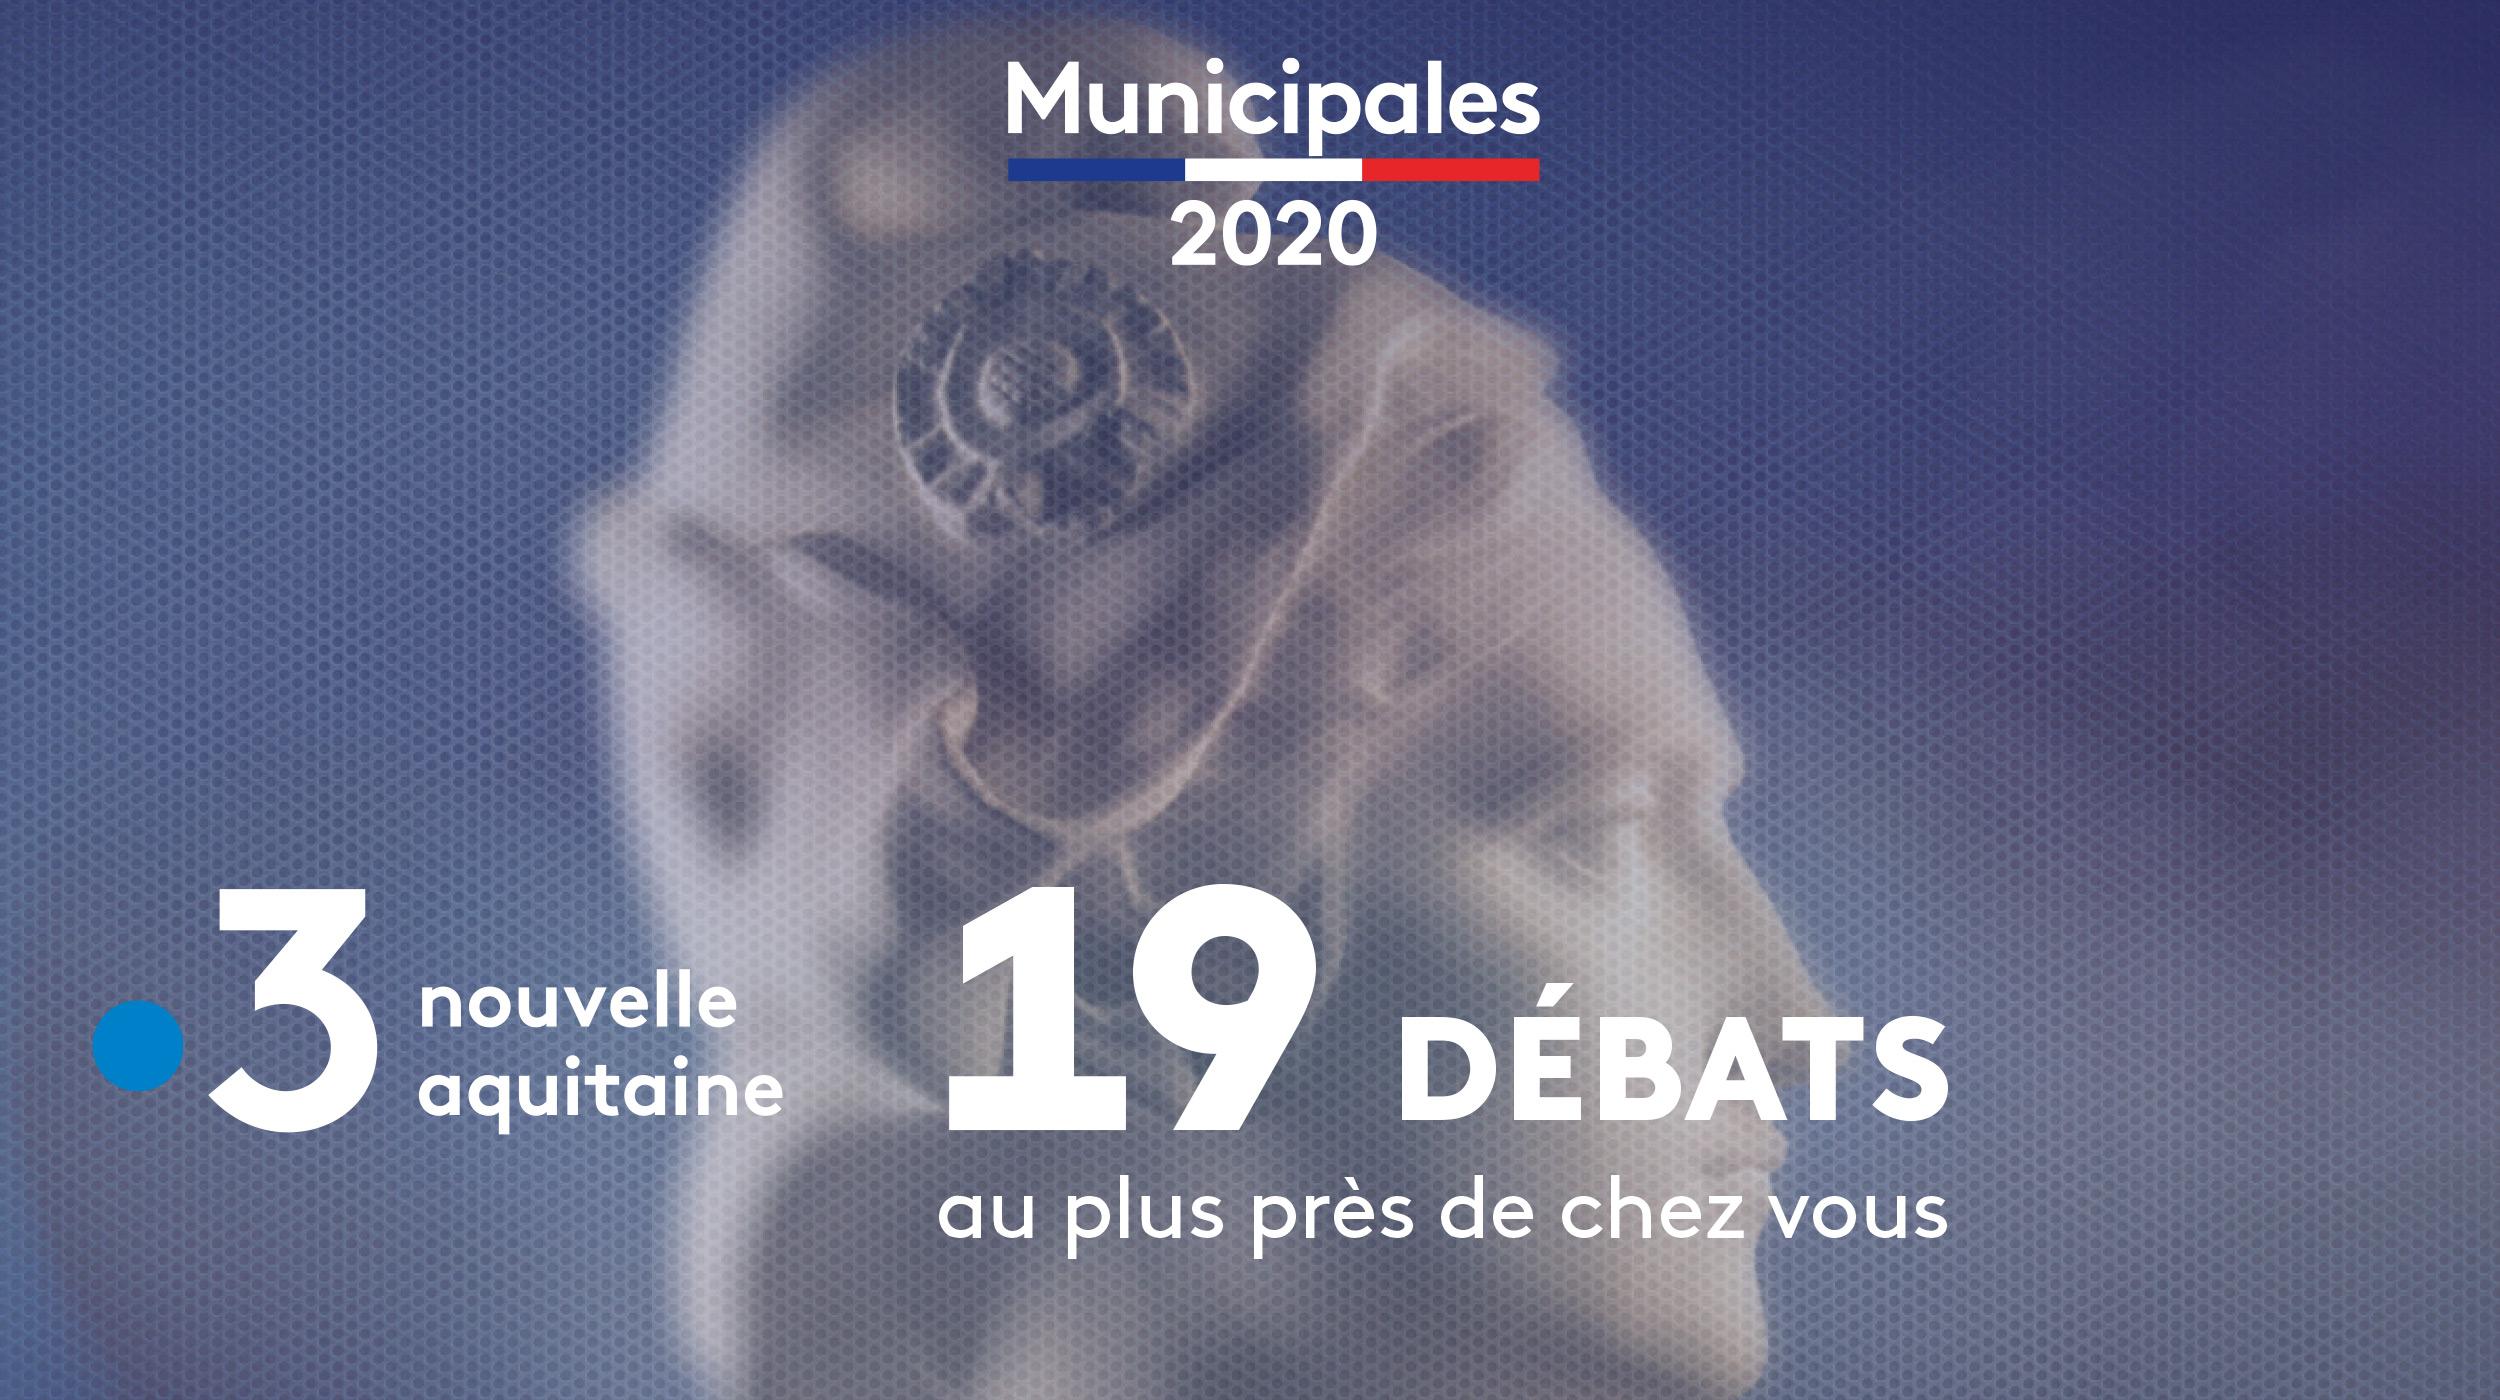 Annonce presse France 3 Nouvelle aquitaine